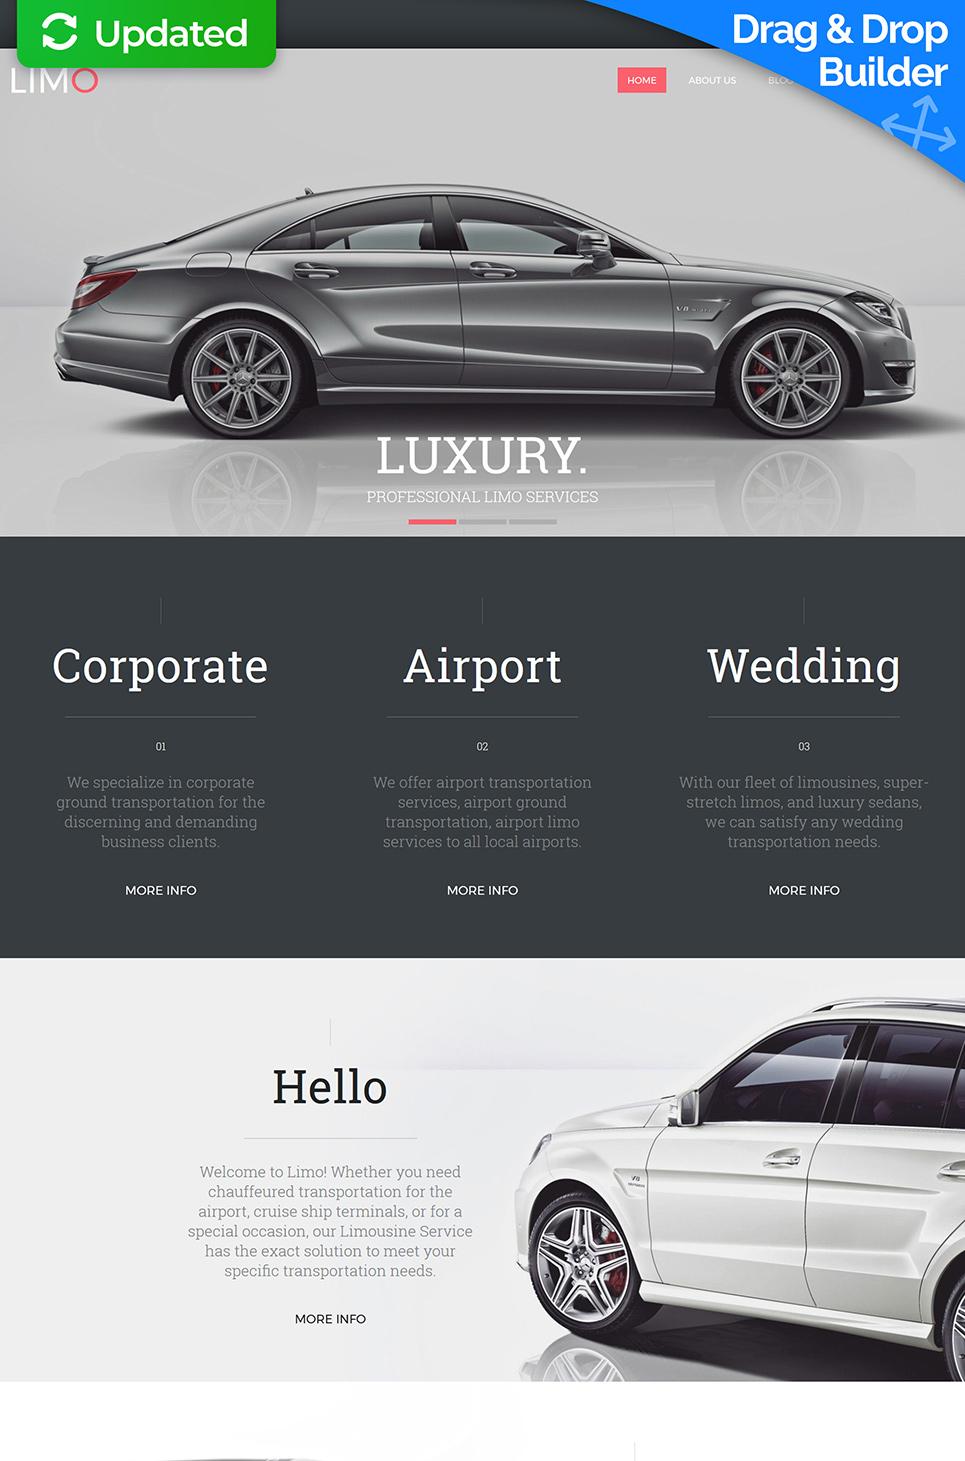 Limousine Services MotoCMS 3 Responsive Website Templates - image